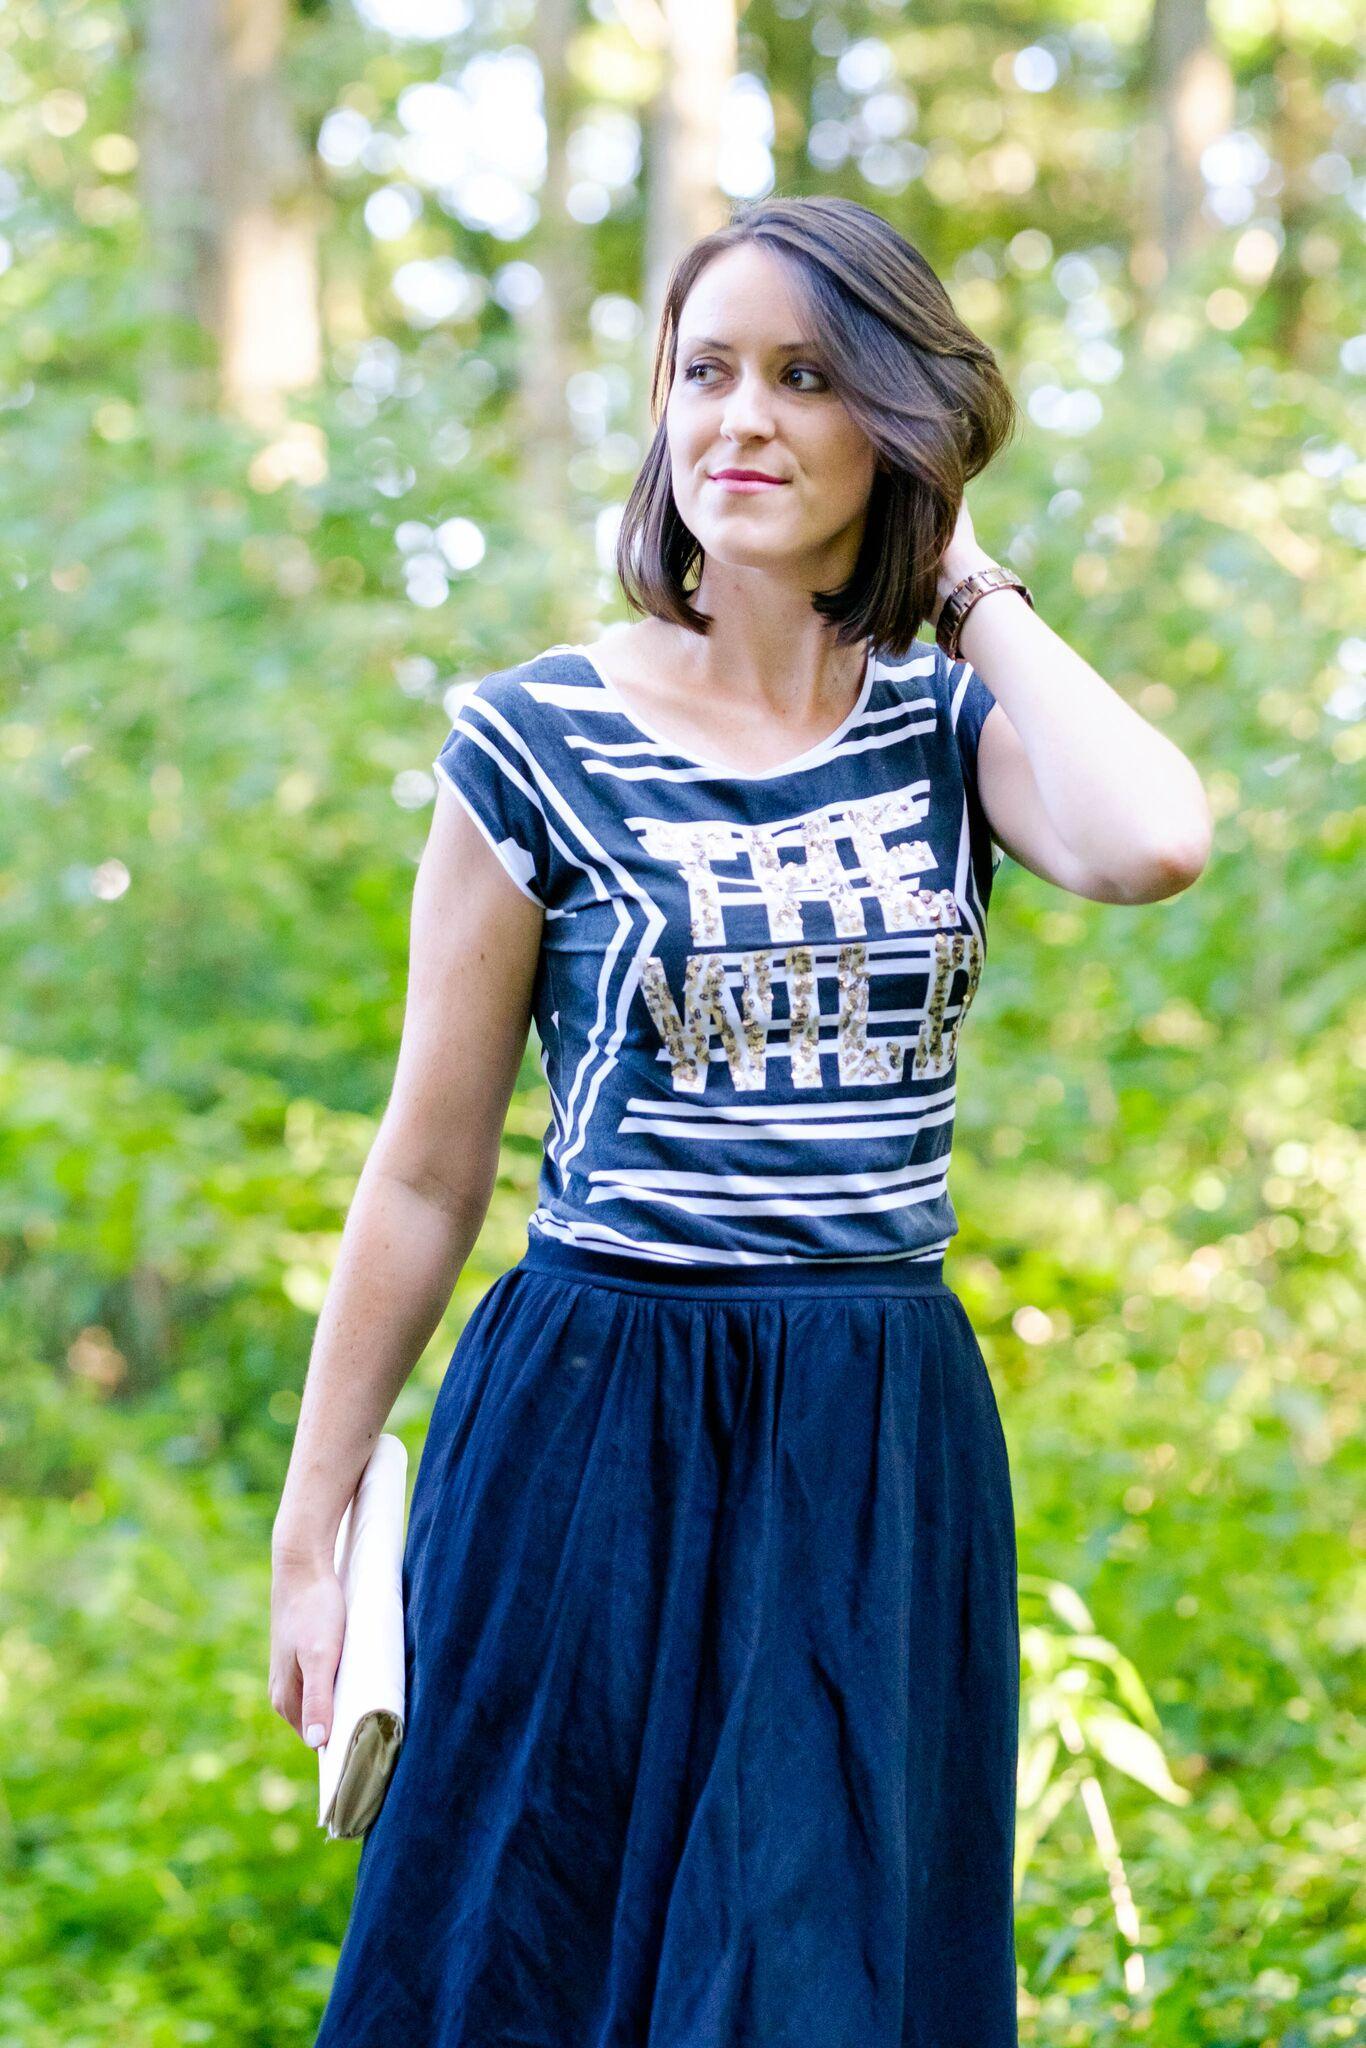 verschiedenArt: selbstgenähter Leinen-Midi-Rock in schwarz mit schwarz-weißem Shirt kombiniert